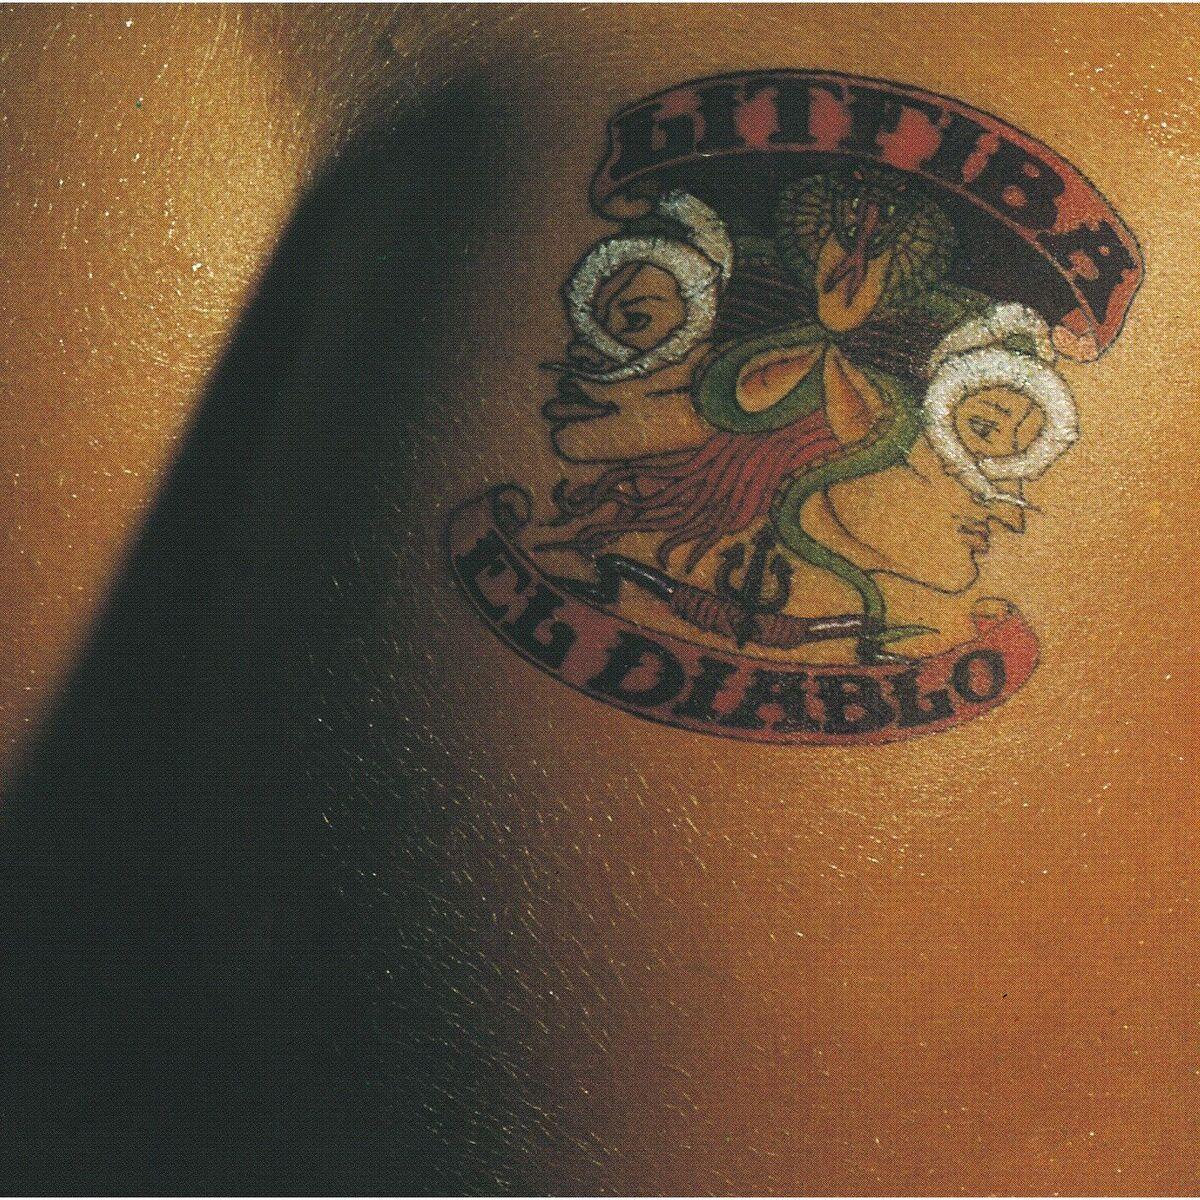 Litfiba-El-Diablo-cover